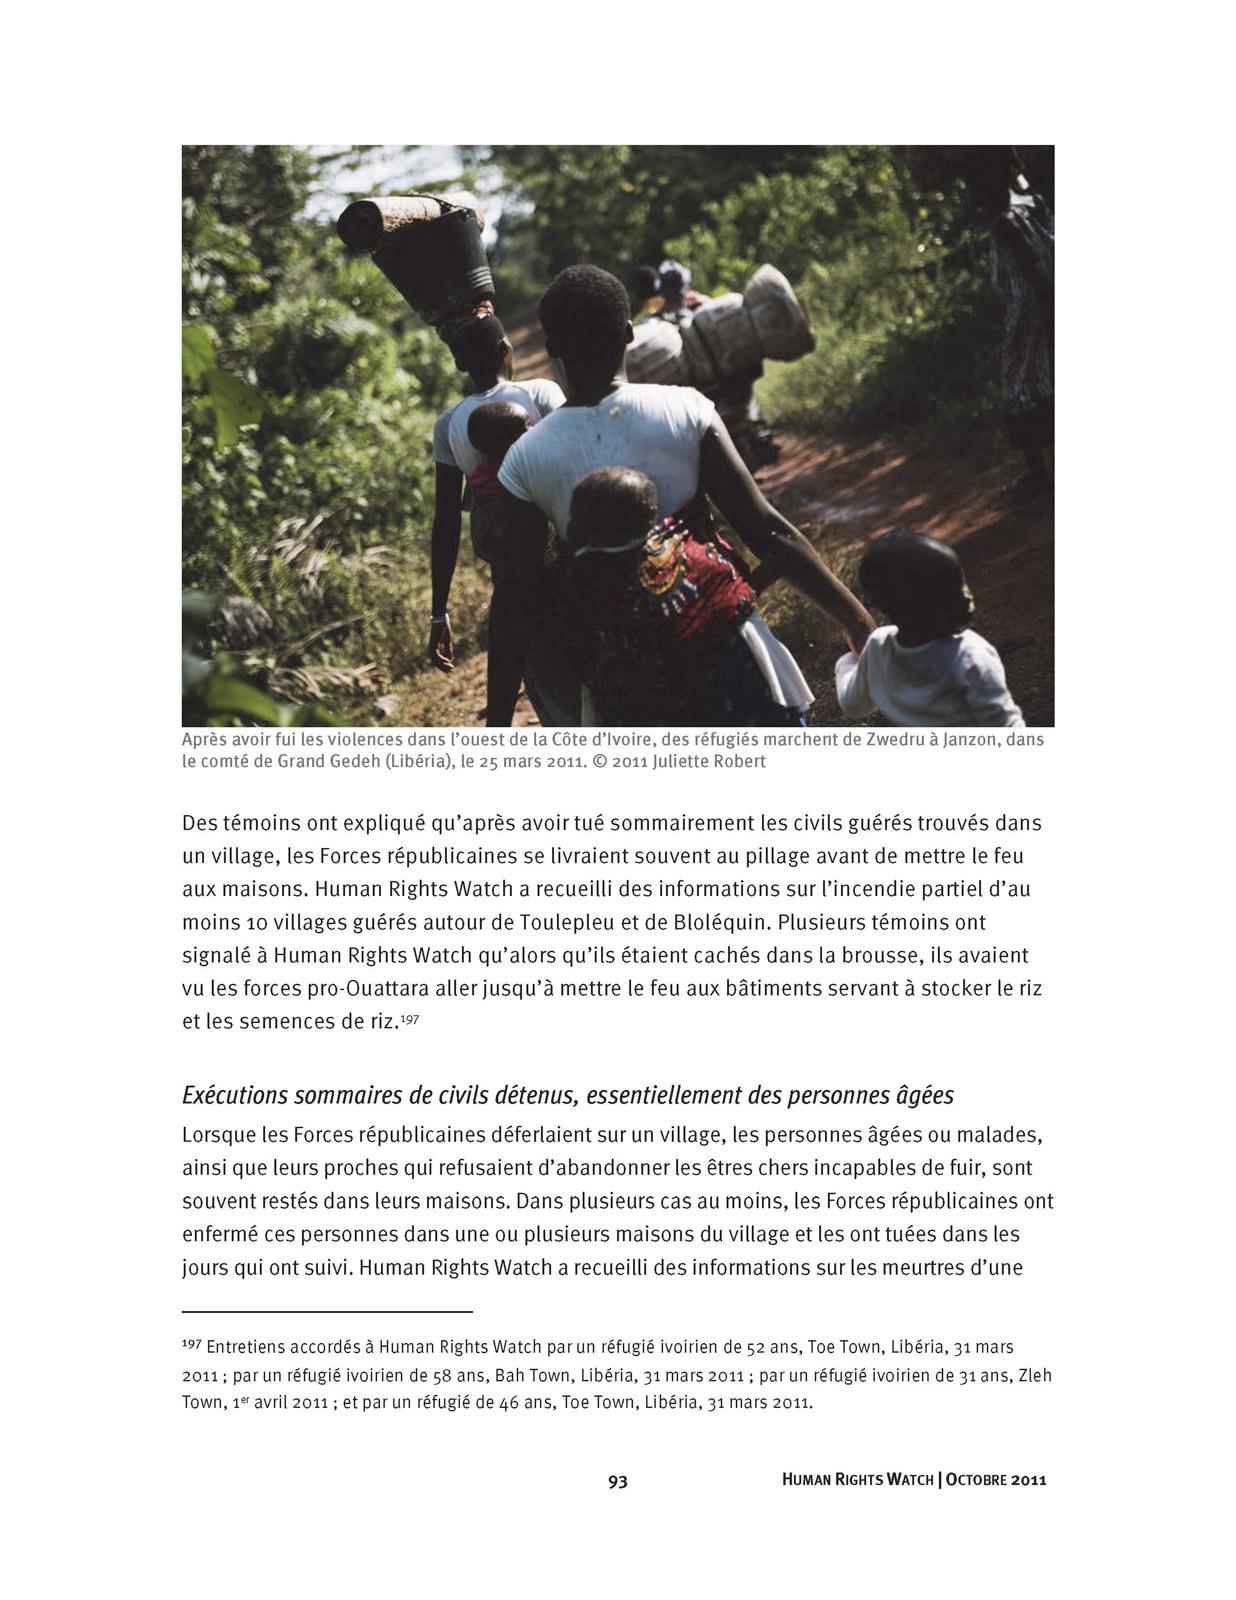 HRWcdi1011_084web2